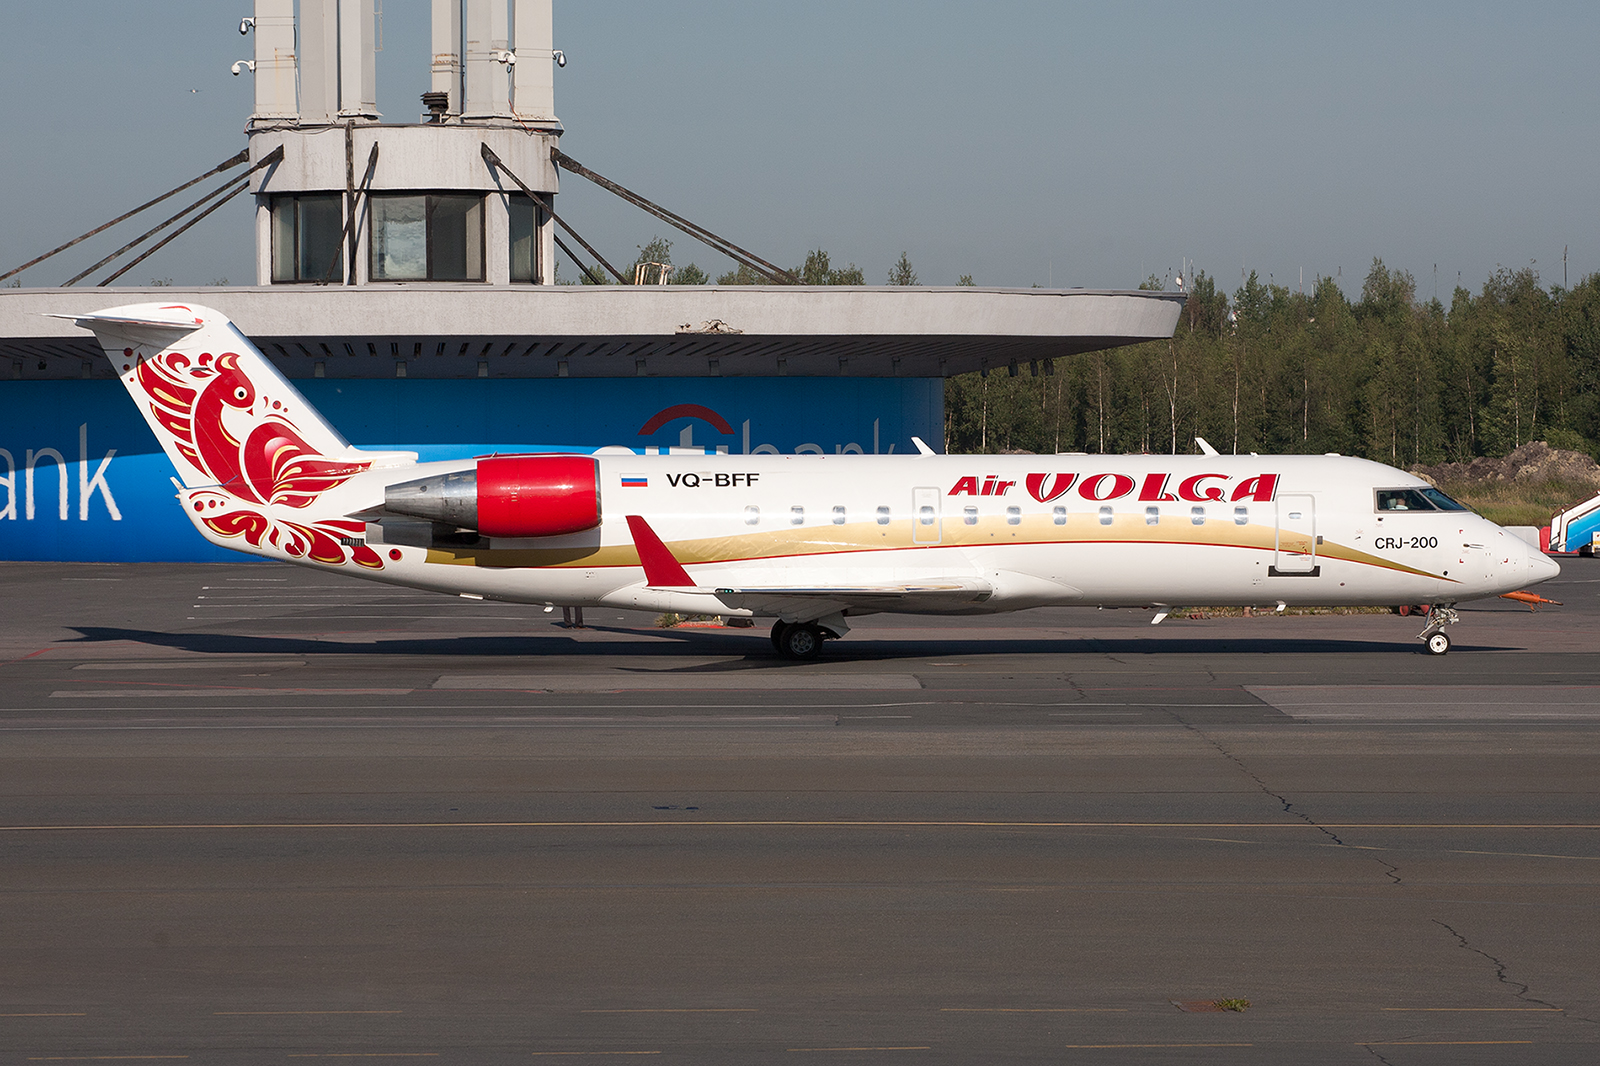 Die Air Wolga ist leider auch schon Geschichte.